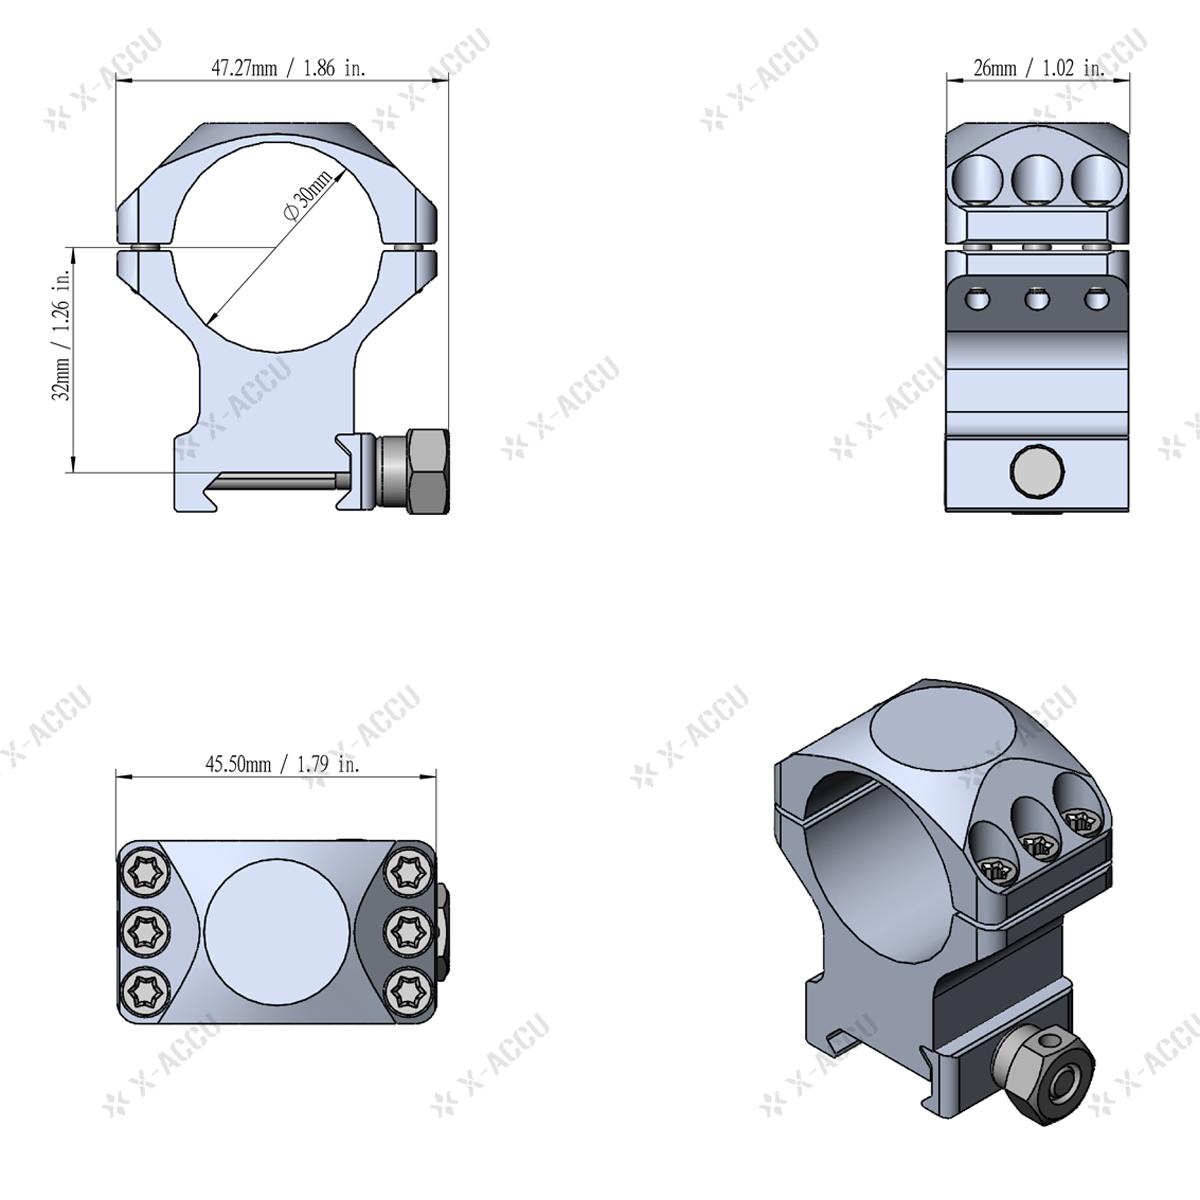 X-Accu XASR-3002 Scope Rings Acom